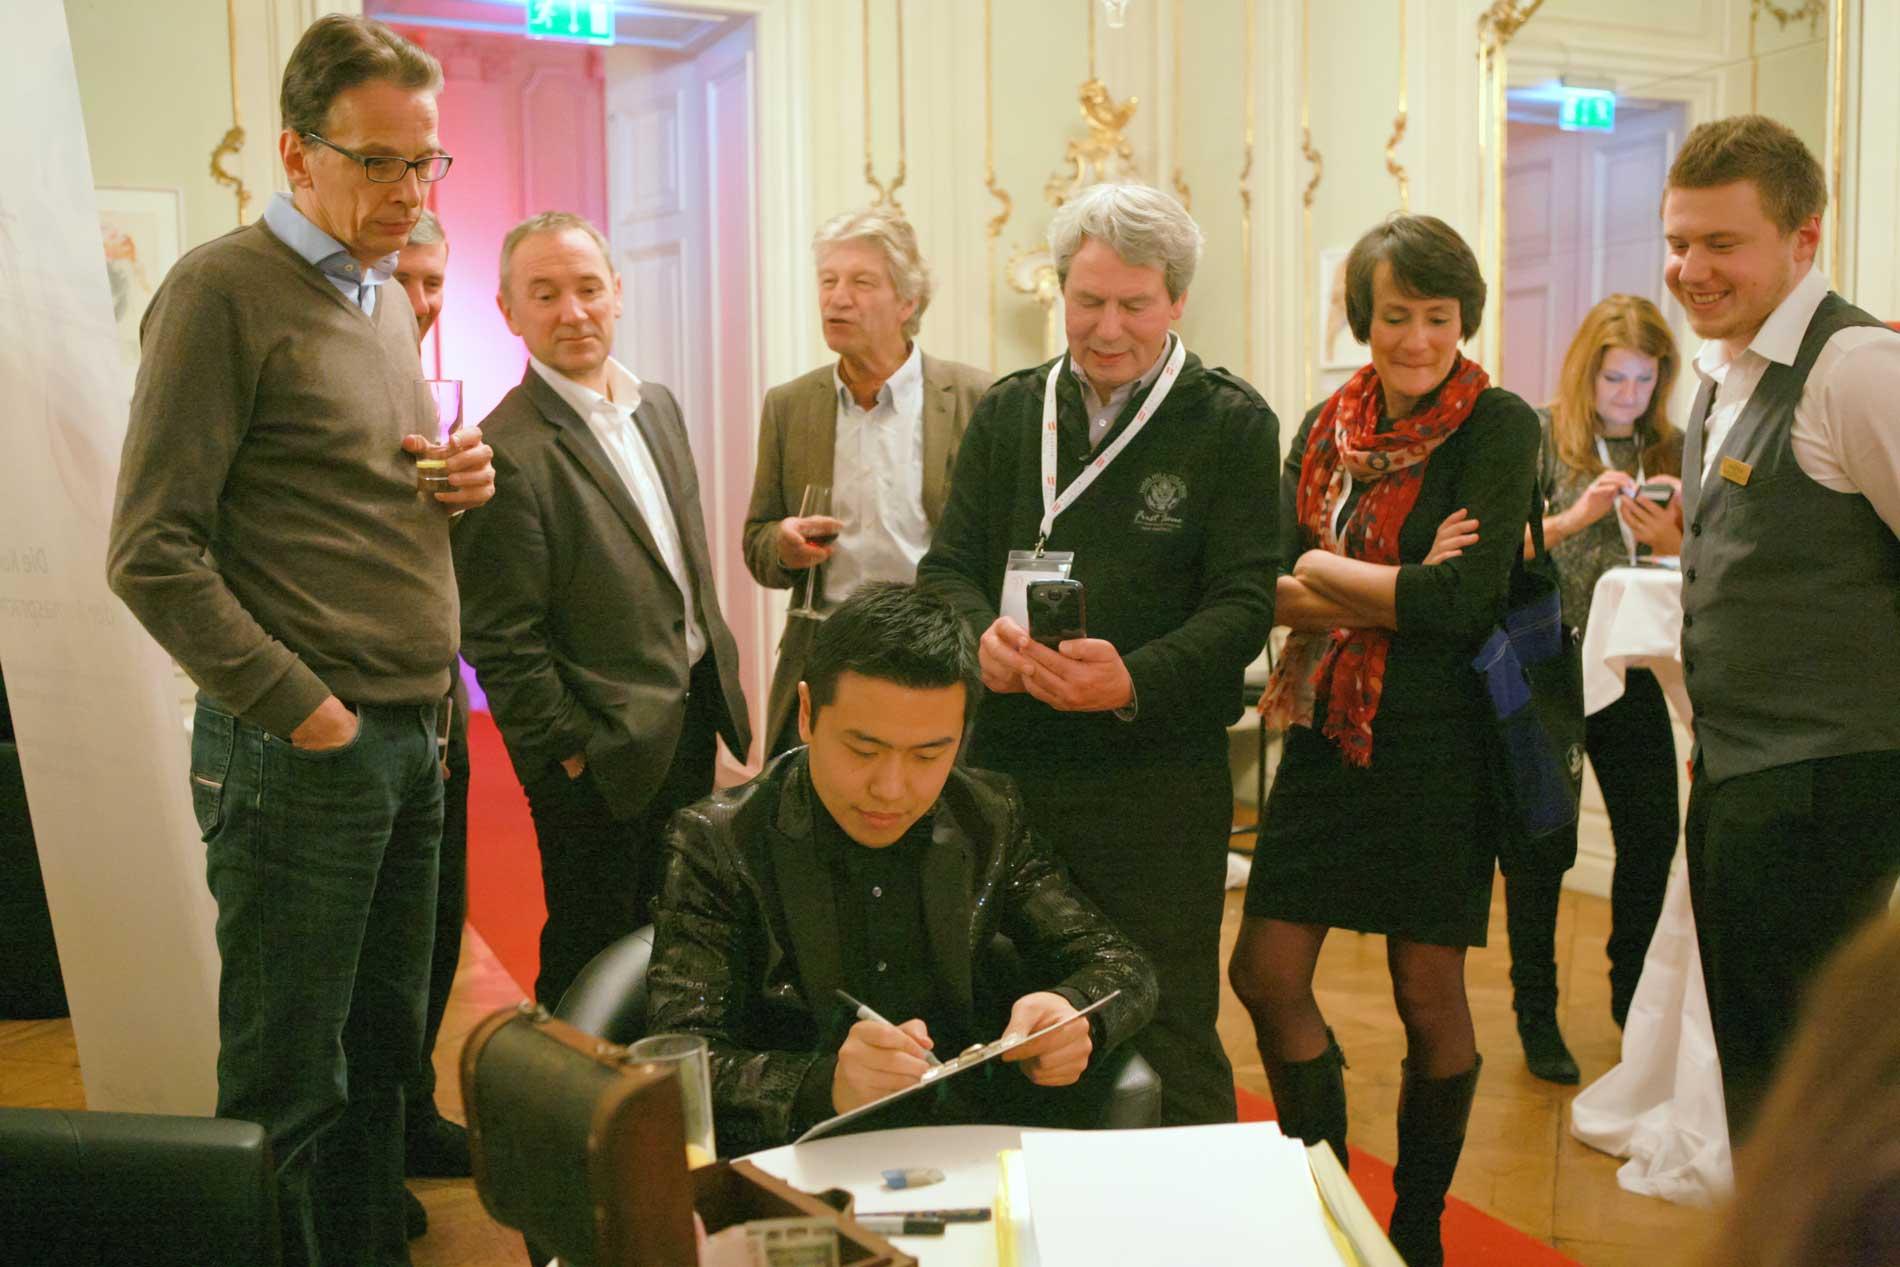 Xi's Service als professioneller Karikaturist und Schnellzeichner